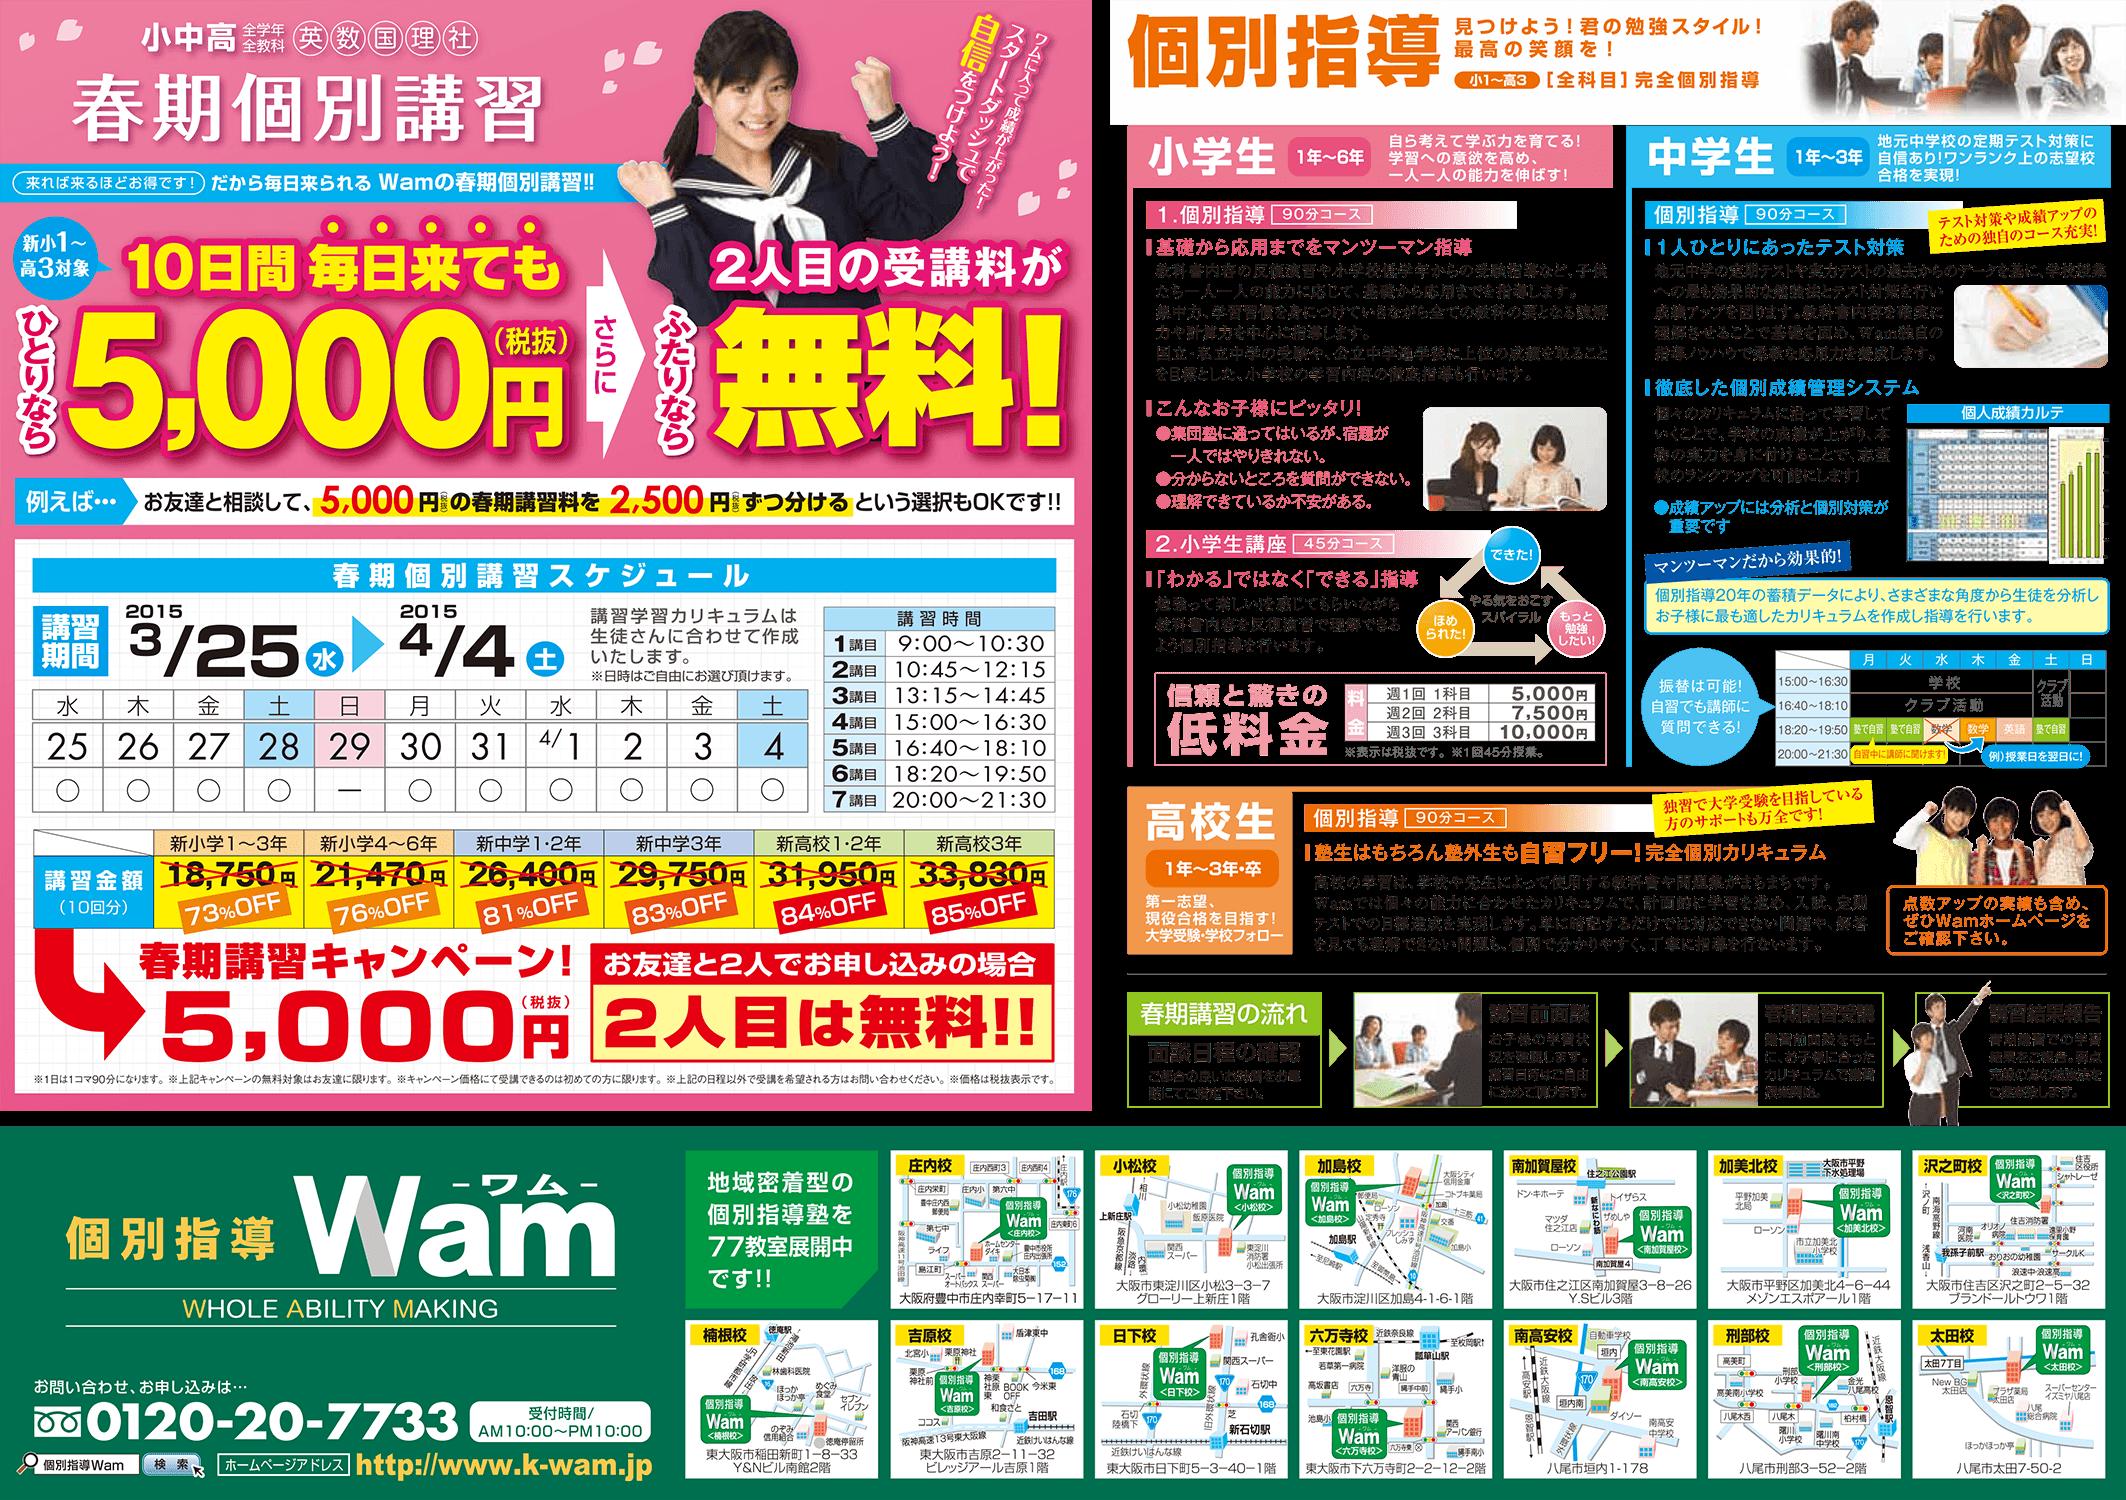 2015年春期講習 大阪中央・ウラ面